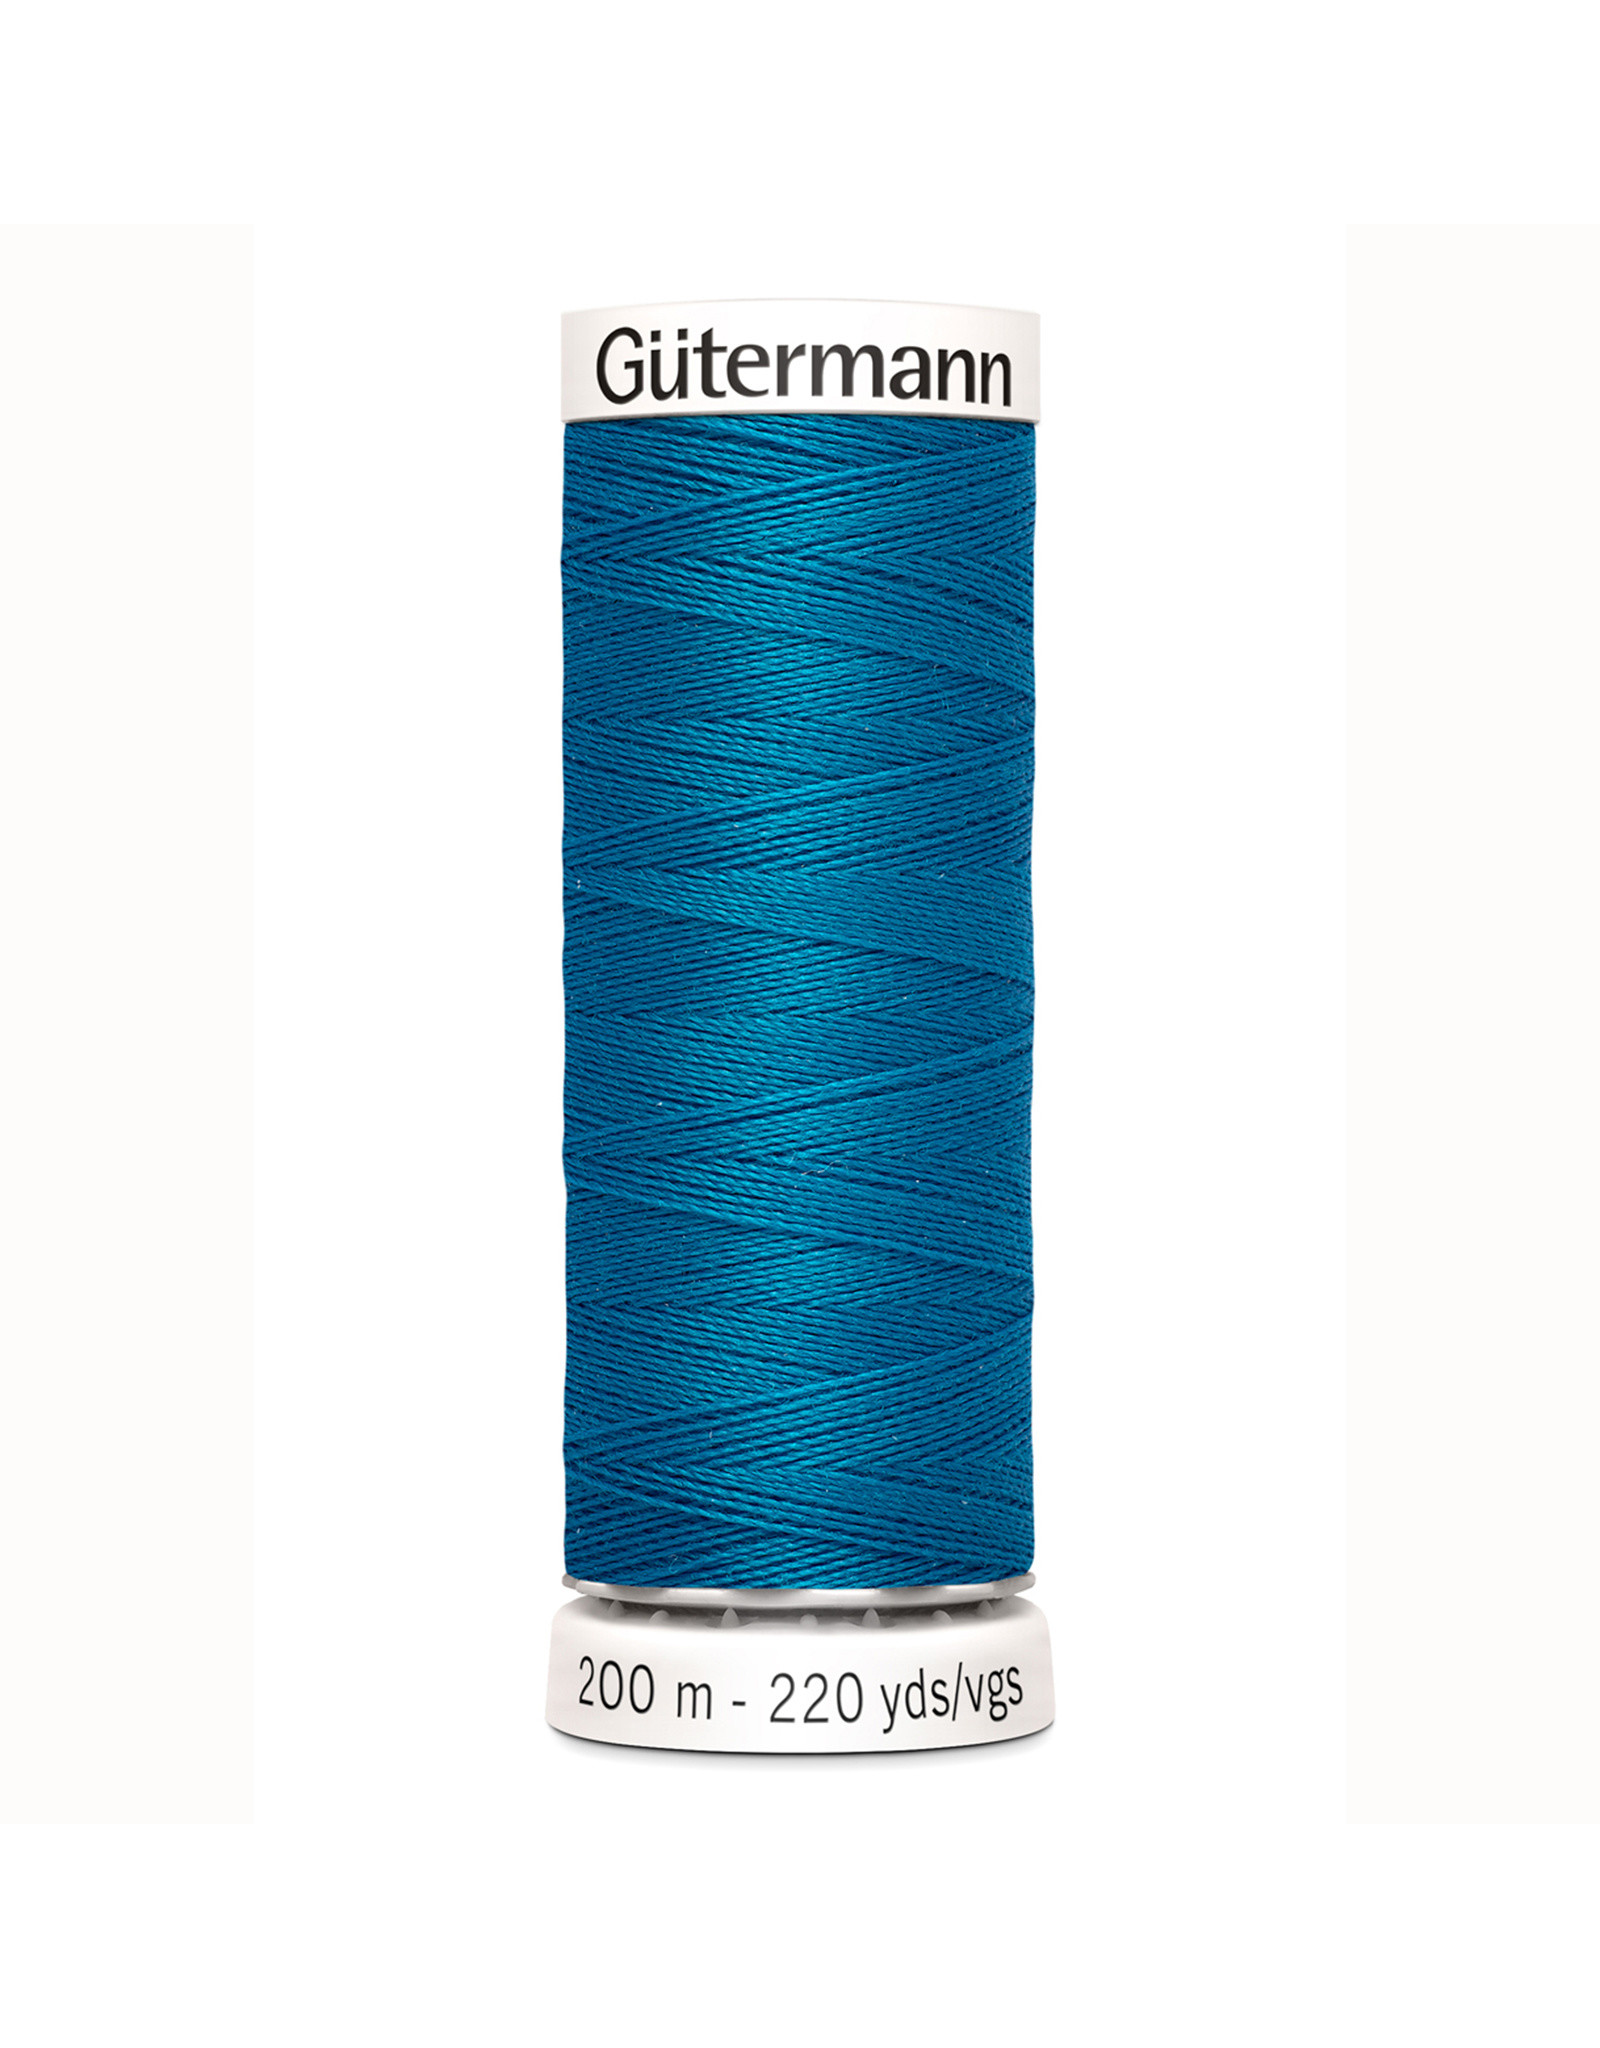 Gütermann Gütermann Nähgarn 200 m - nr 25